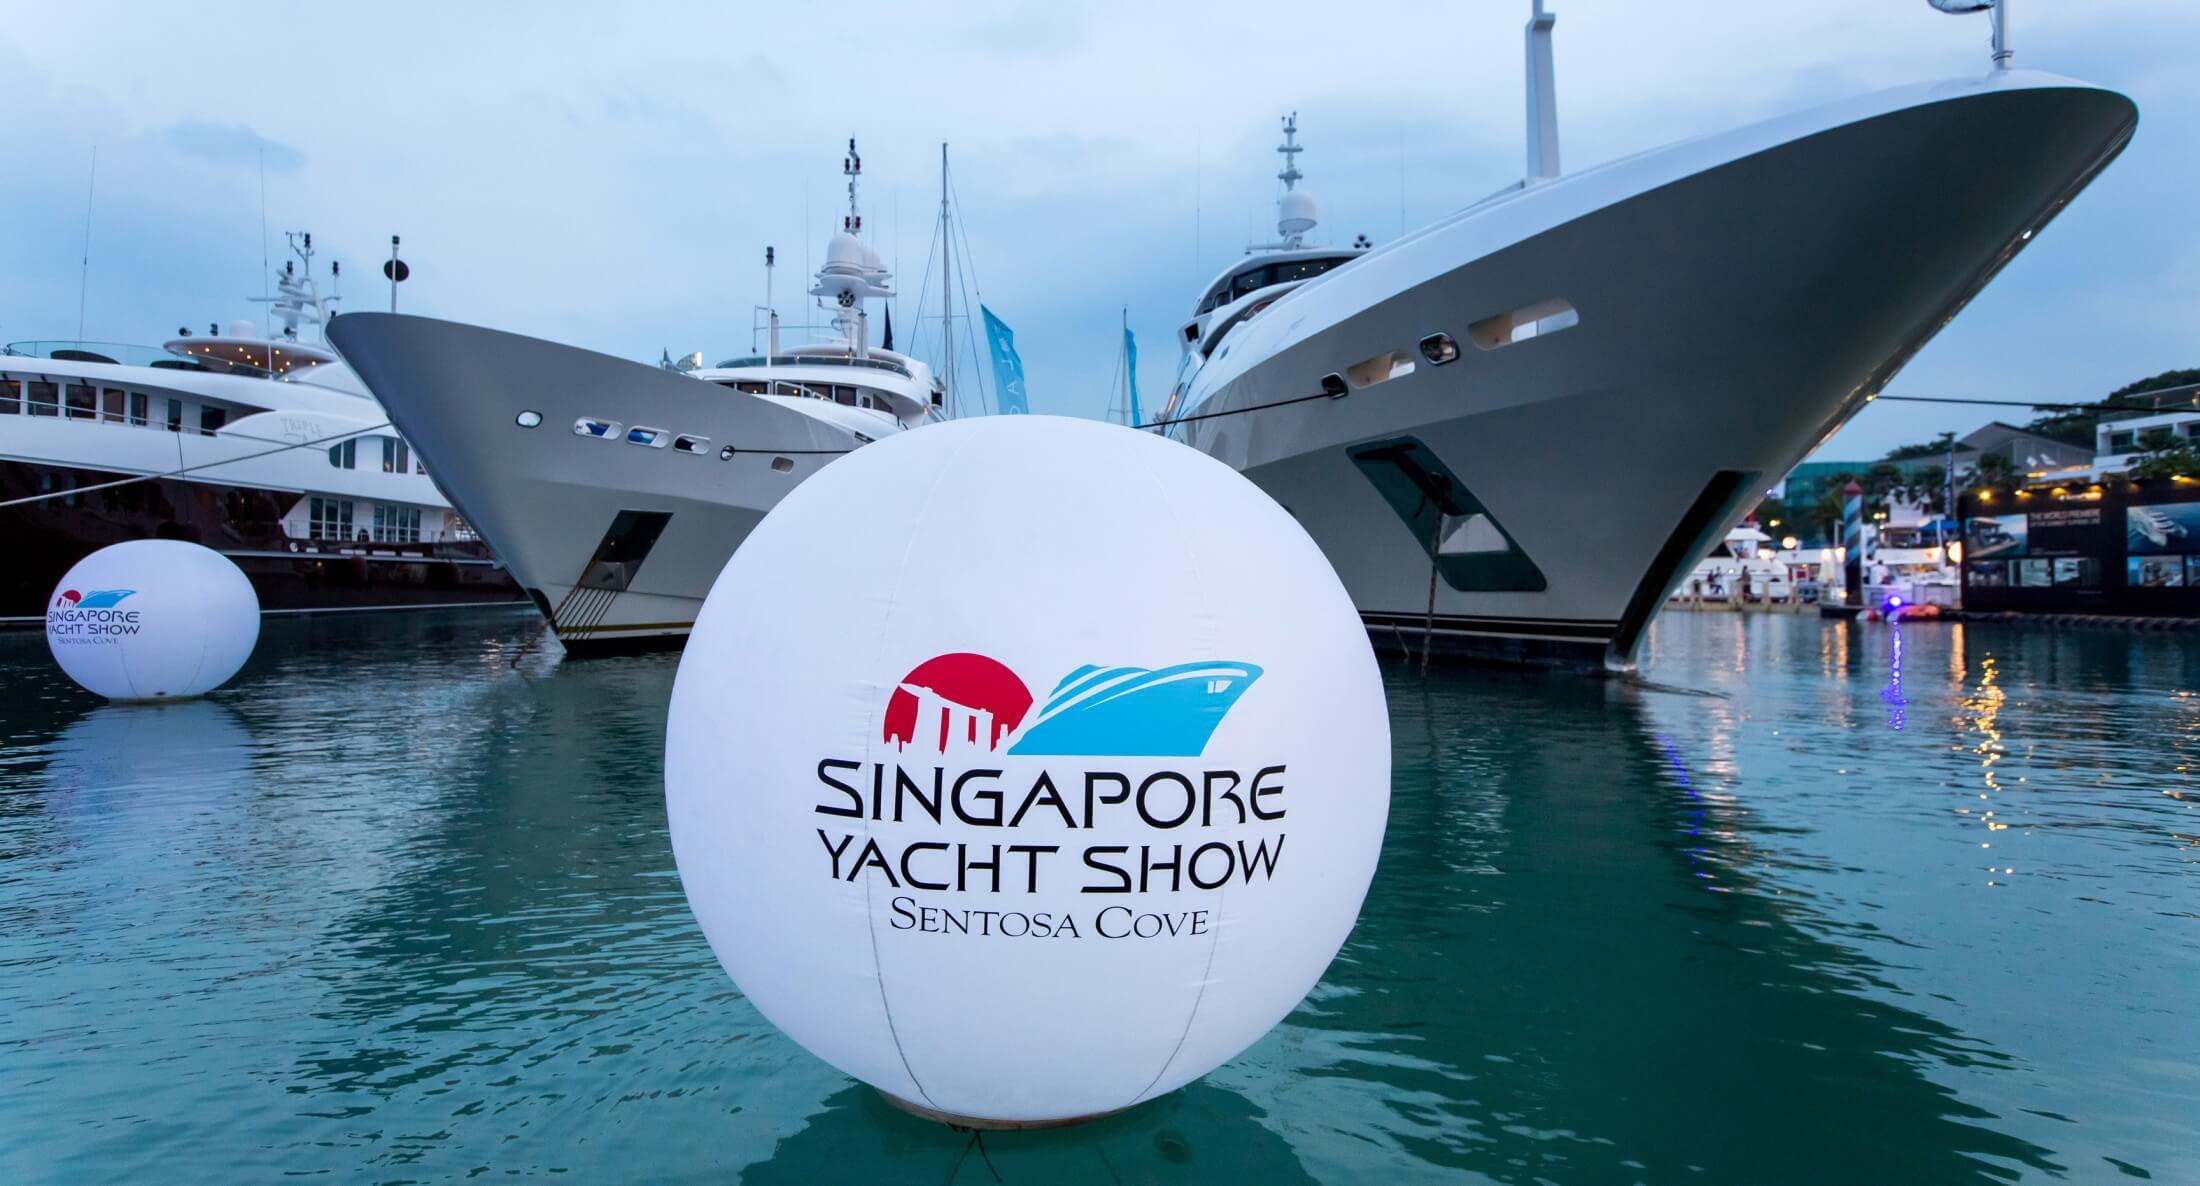 singapore-yacht-show-bg-2200xauto_0_1